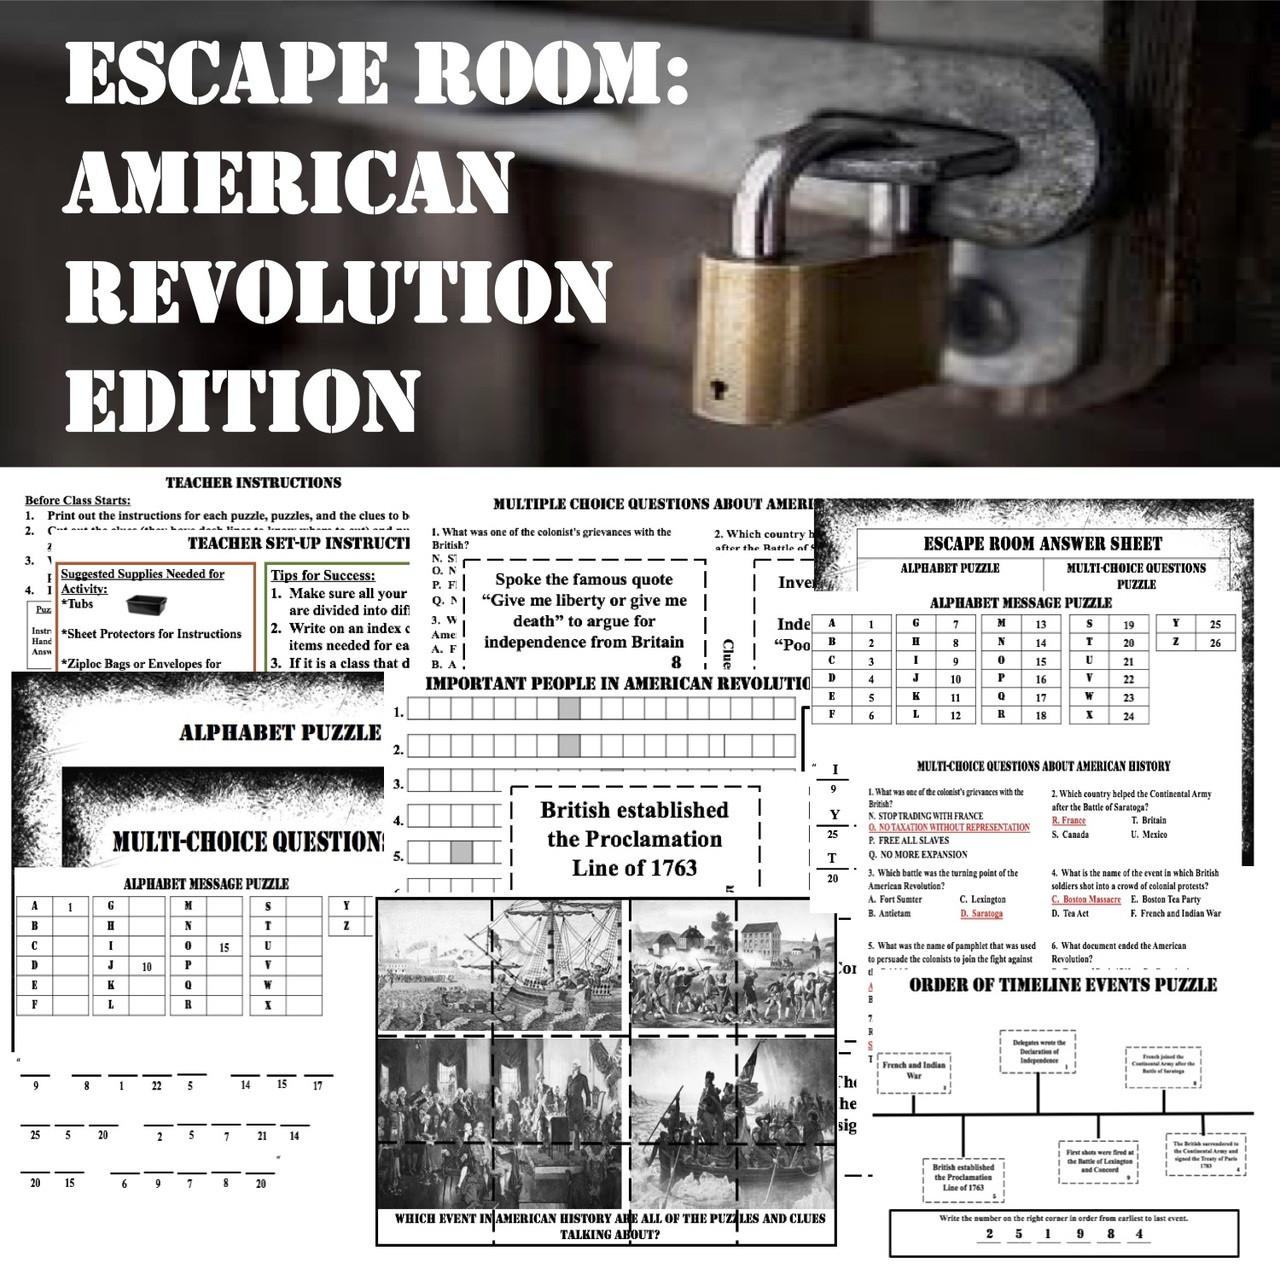 Escape Room-American Revolution